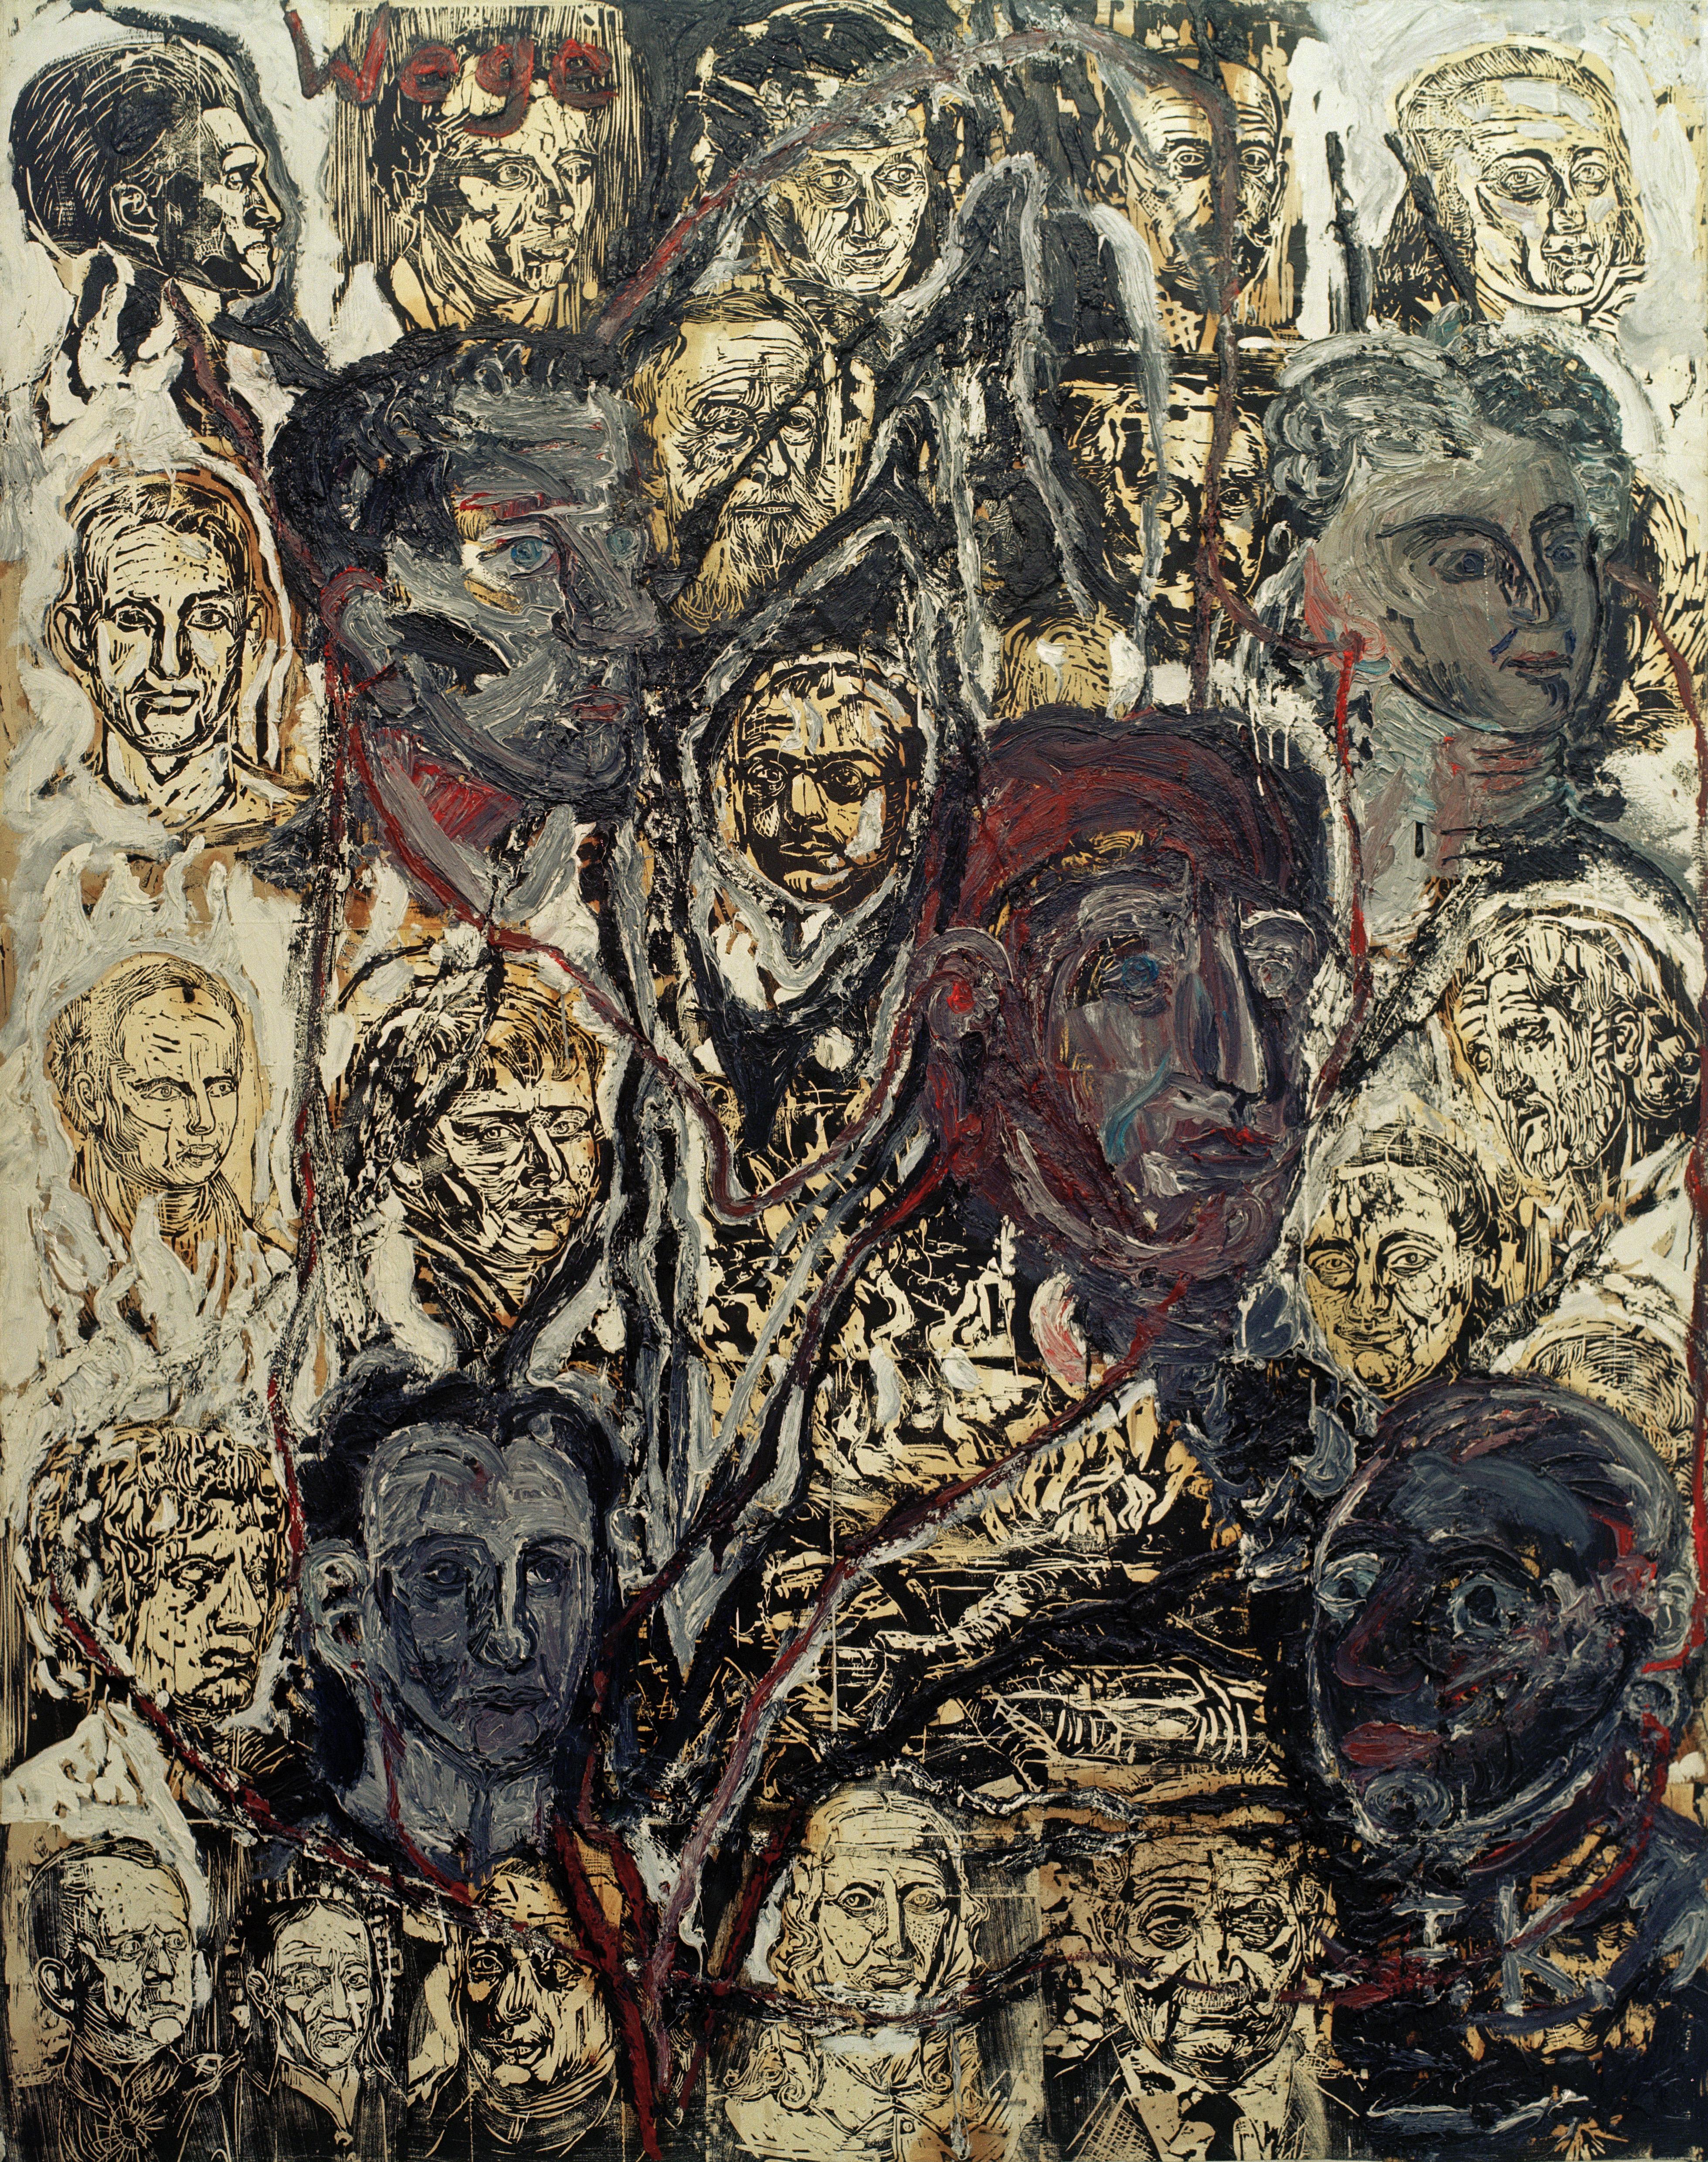 Wege II, obra de Anselm Kiefer sobre el idealismo alemán. Hölderlin es el cuarto personaje por la izquierda en la parte inferior del cuadro.